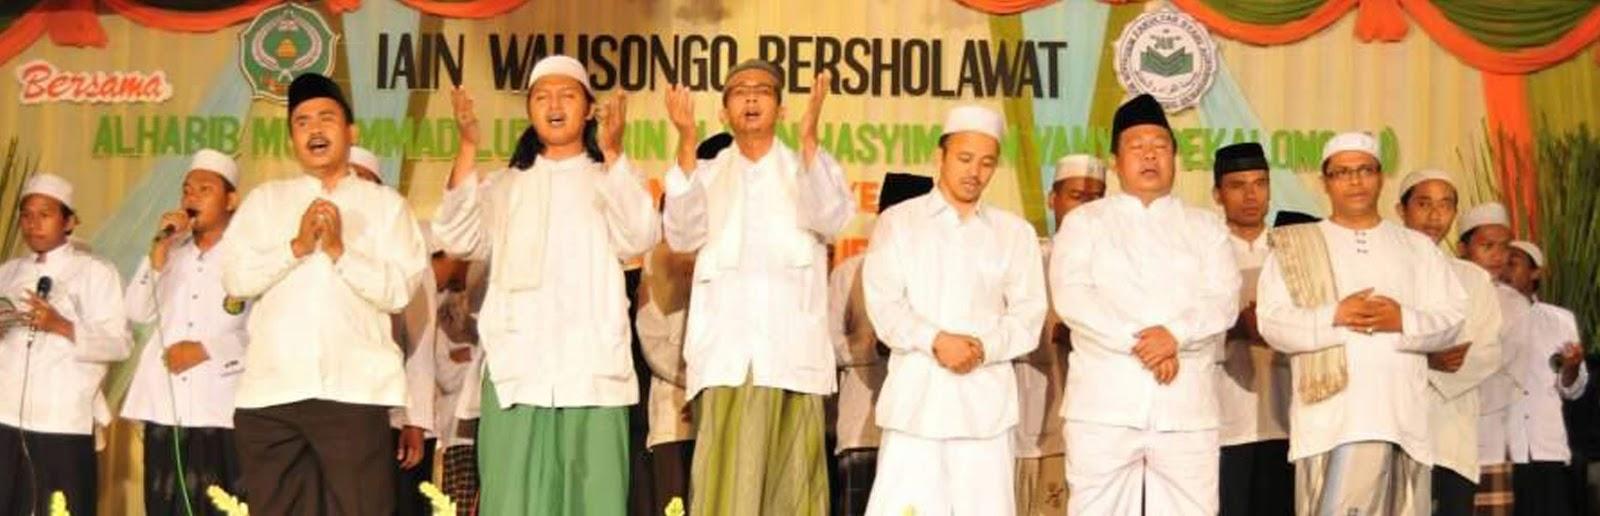 Bersama Kyai Bisri Musthofa pada acara Semarak Miladiyyah UKM JQH tahun 2013